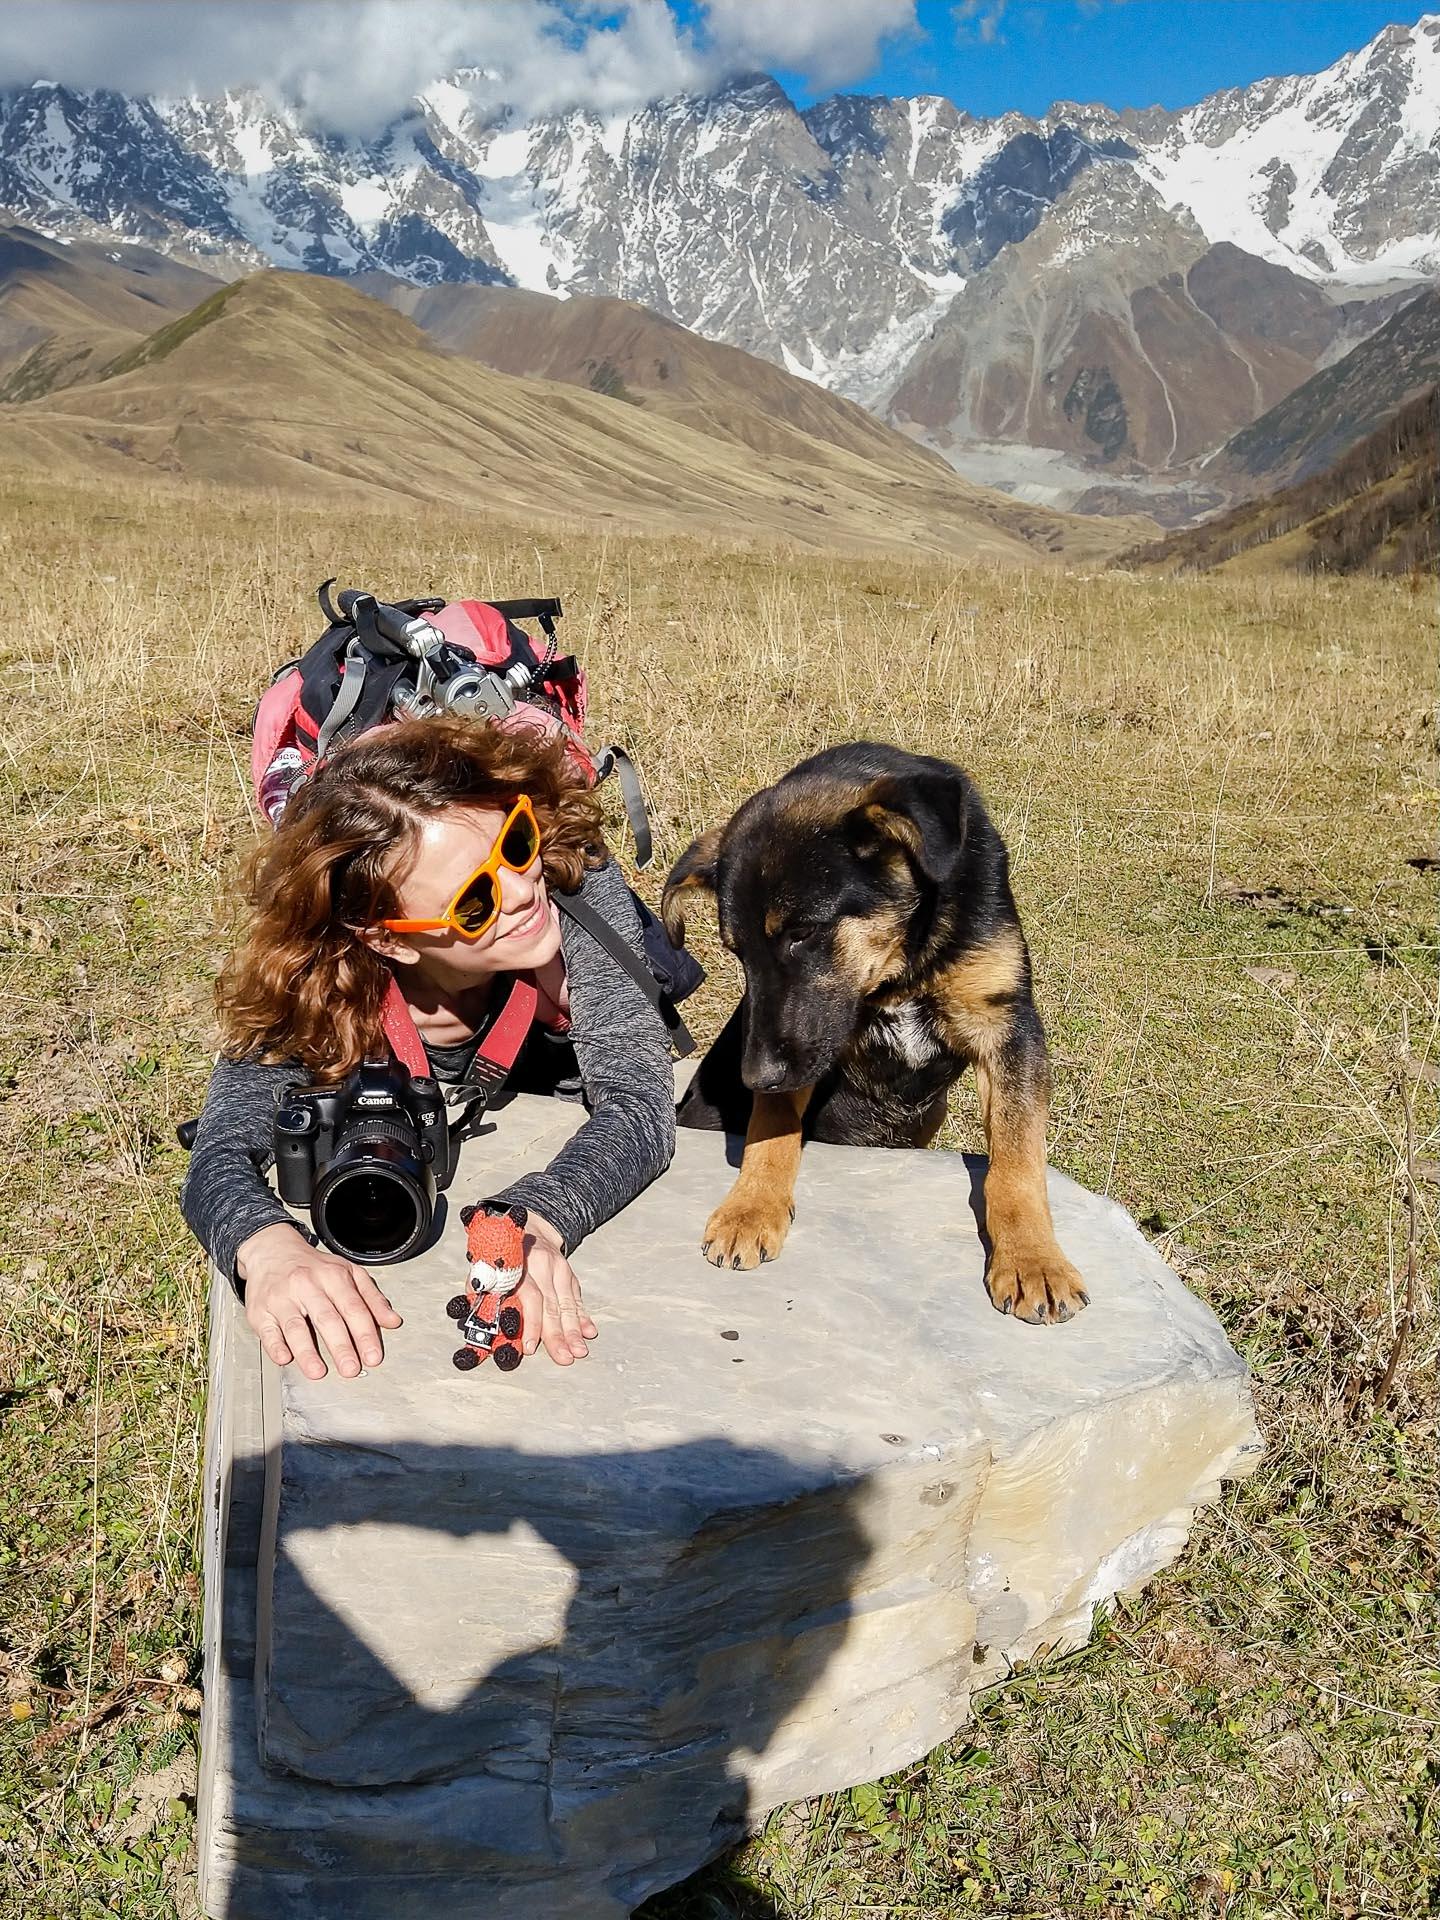 Fotofuchs Katharina unterwegs in der Gebirgsregion Swanetien in Georgien. Die beeindruckende Berglandschaft und ein ausgefuchster Hunde-Reiseguide haben überzeugt.